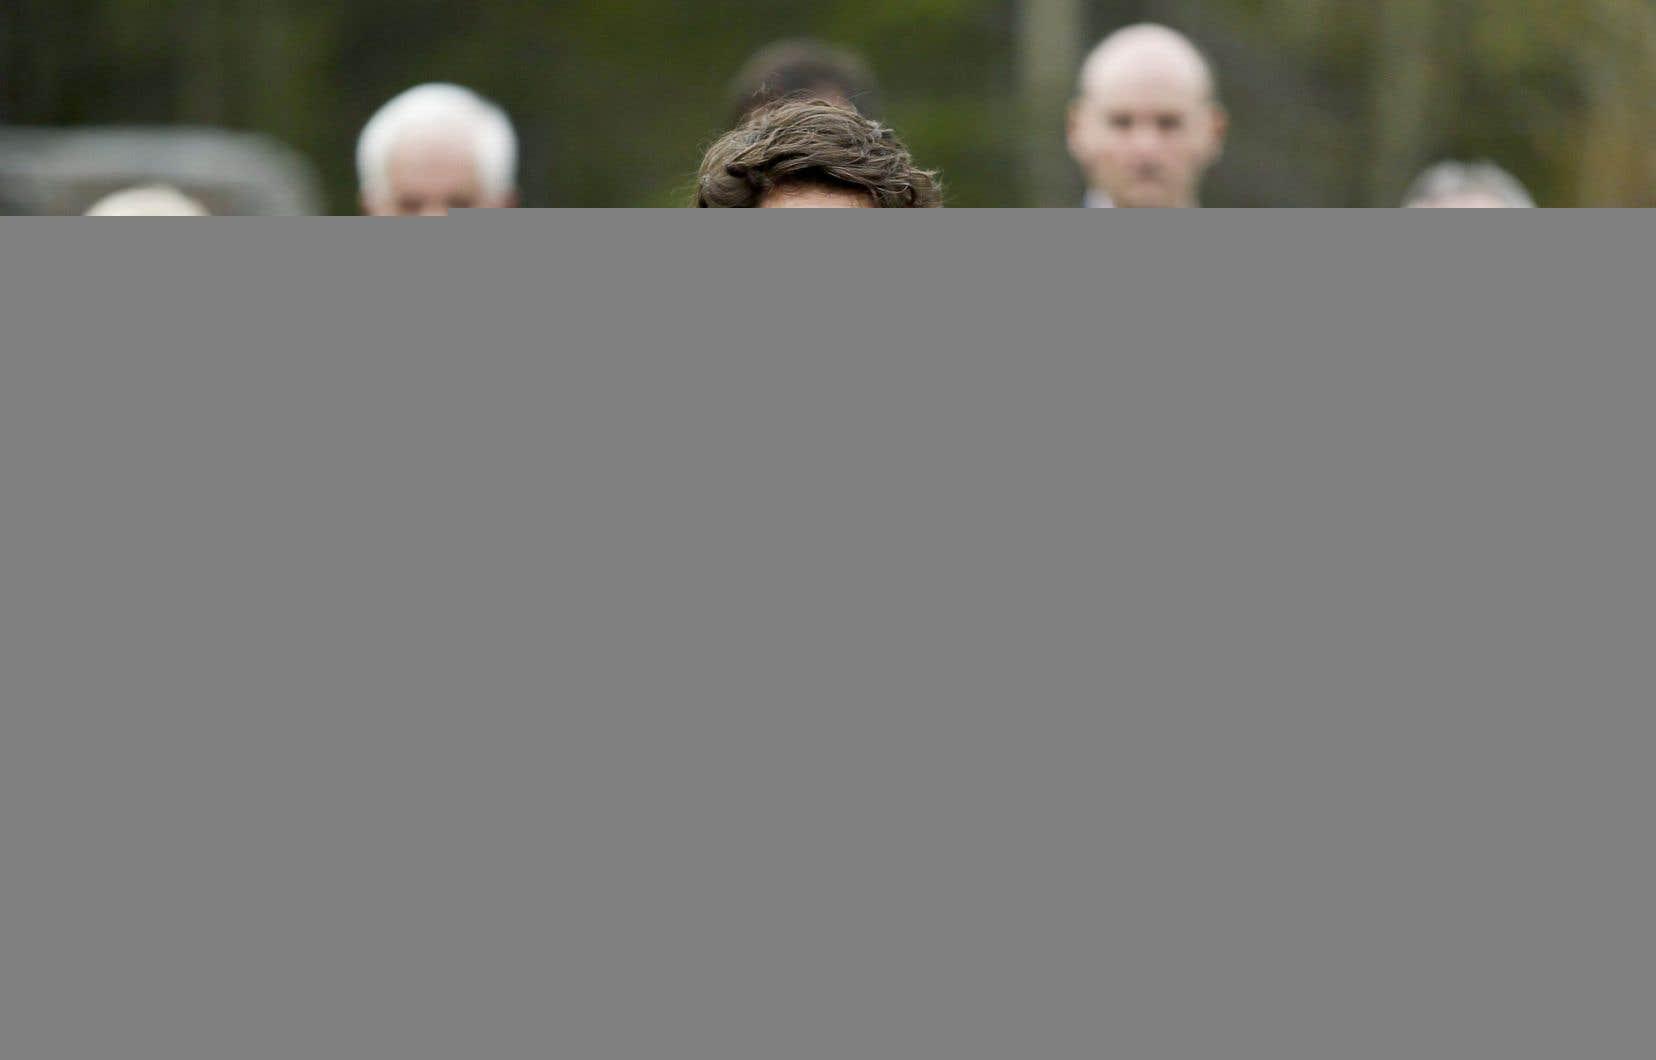 Le premier ministre Justin Trudeau a fermement rappelé, mardi lors d'un point de presse à Kananaskis, entouré par son cabinet, en Alberta, que le Canada ne verse jamais de rançon à des terroristes, que ce soit directement ou indirectement.